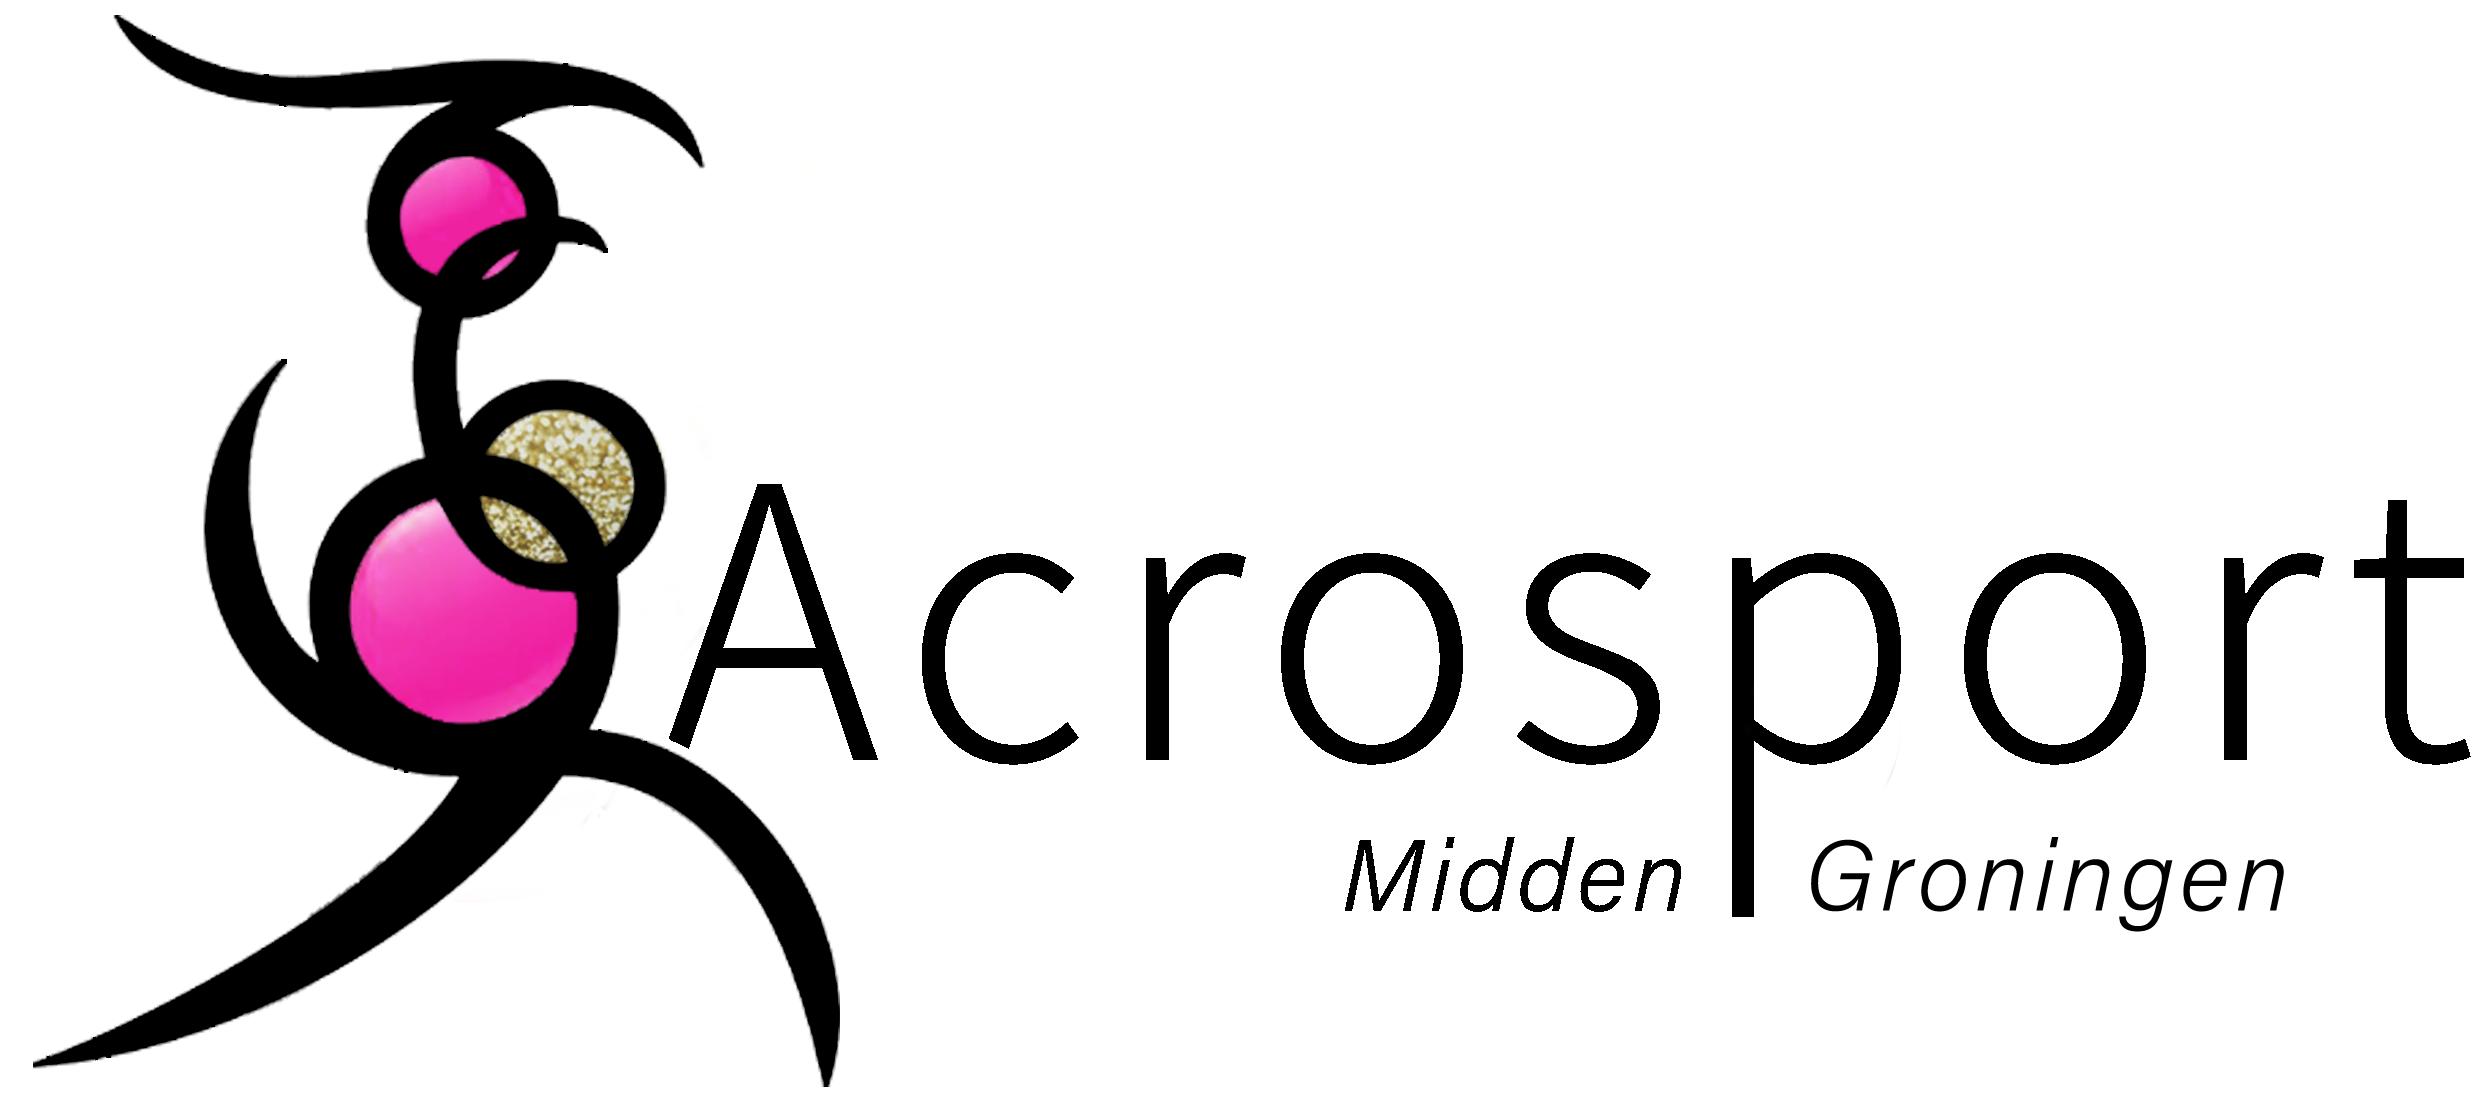 Acrosport Midden-Groningen